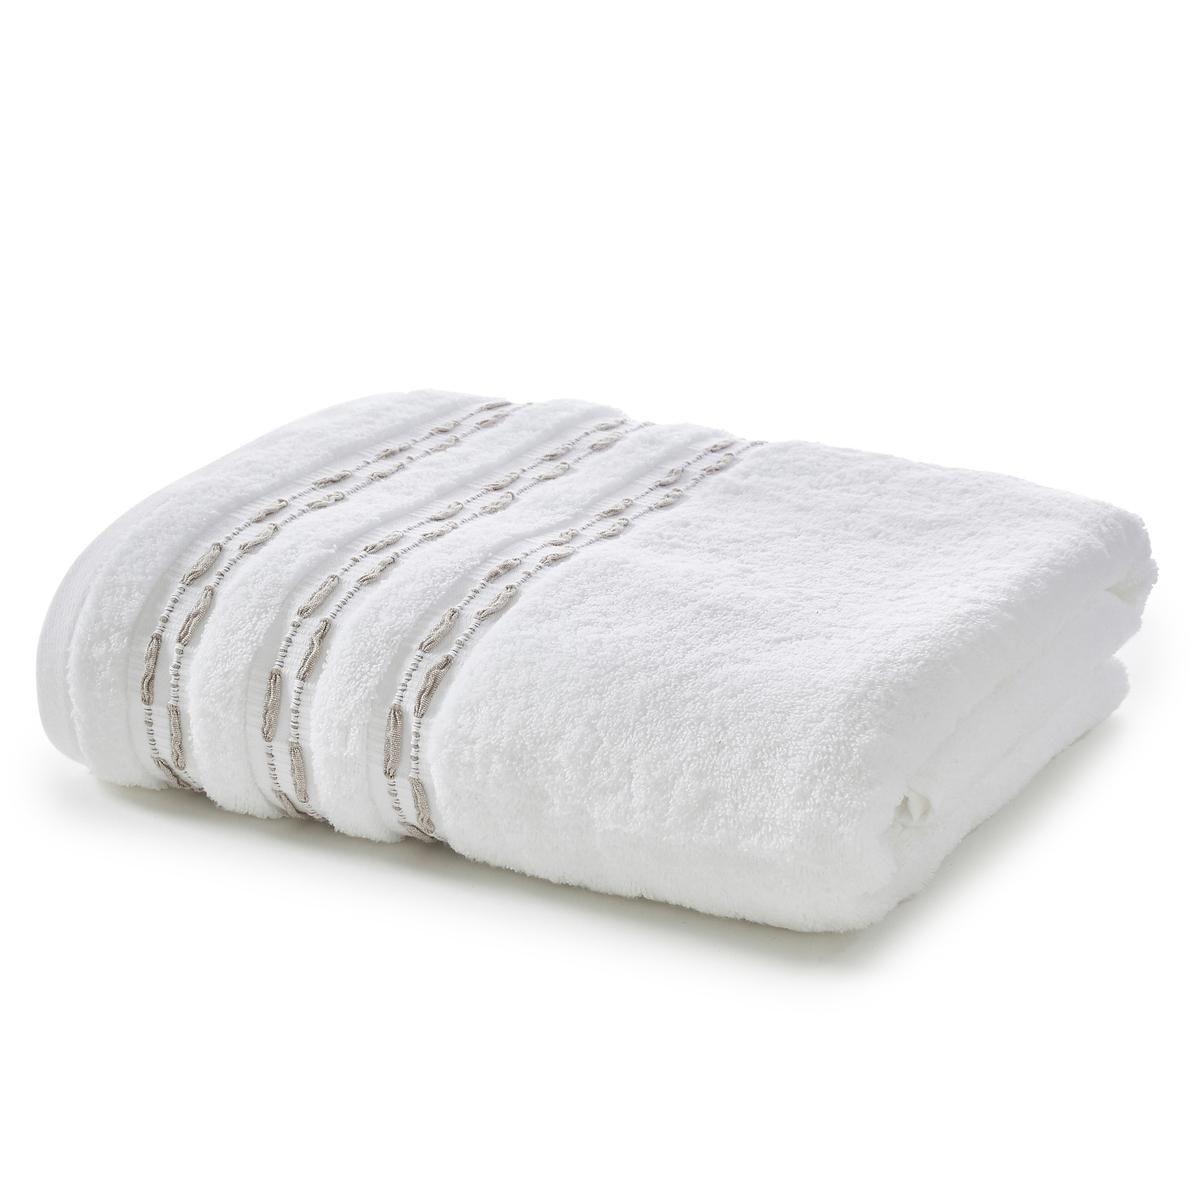 Полотенце банное большое 500 г/м² SETUBAL полотенца кухонные la pastel полотенце gabel 50х70 вишня